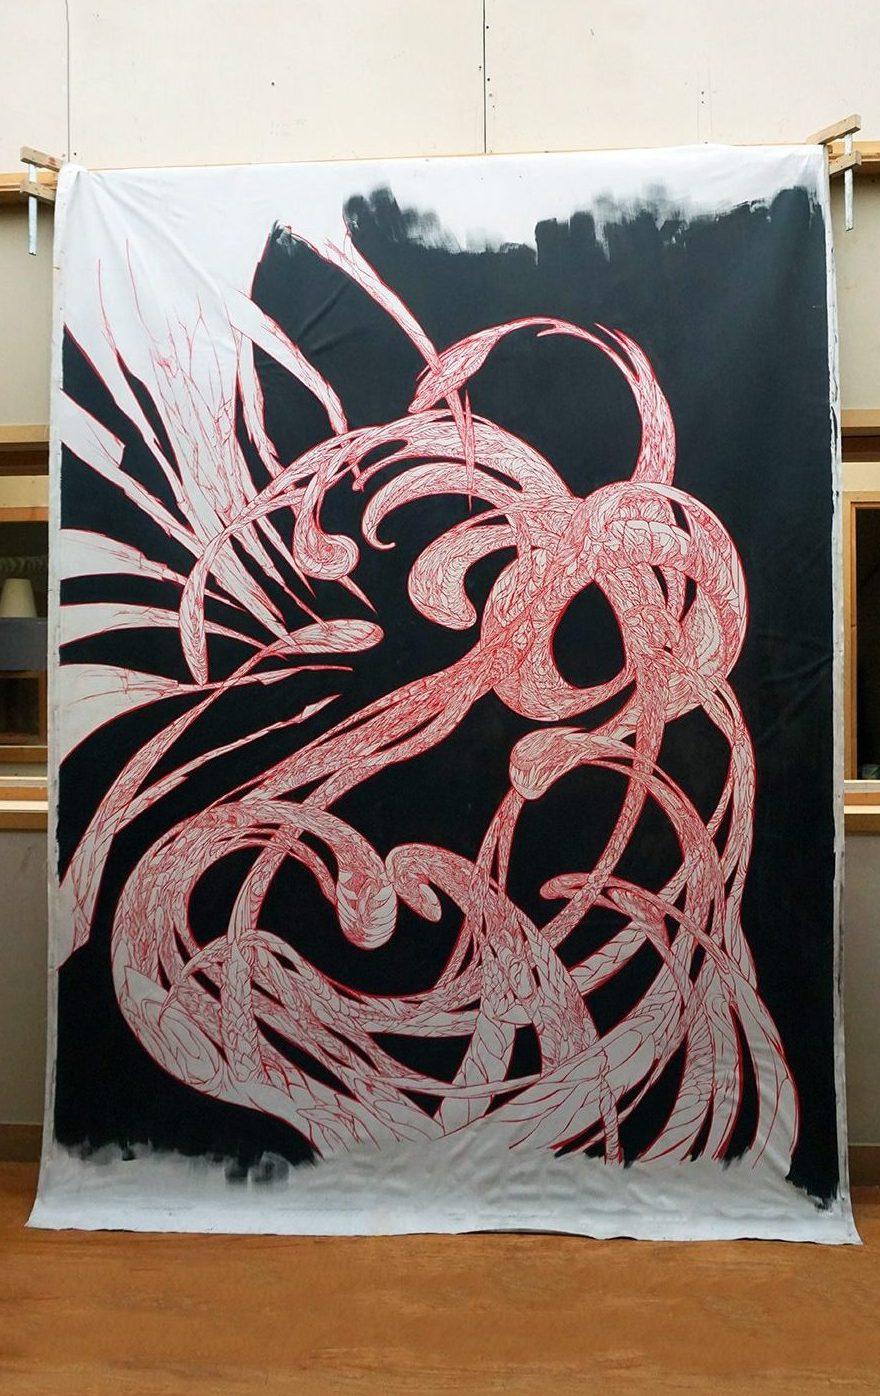 peinture-le-rouge-dans-le-noir-de-marie-catherine-arrighi-de casanova-atelier-à-vitry-sur-seine---artiste-contemporain-français-